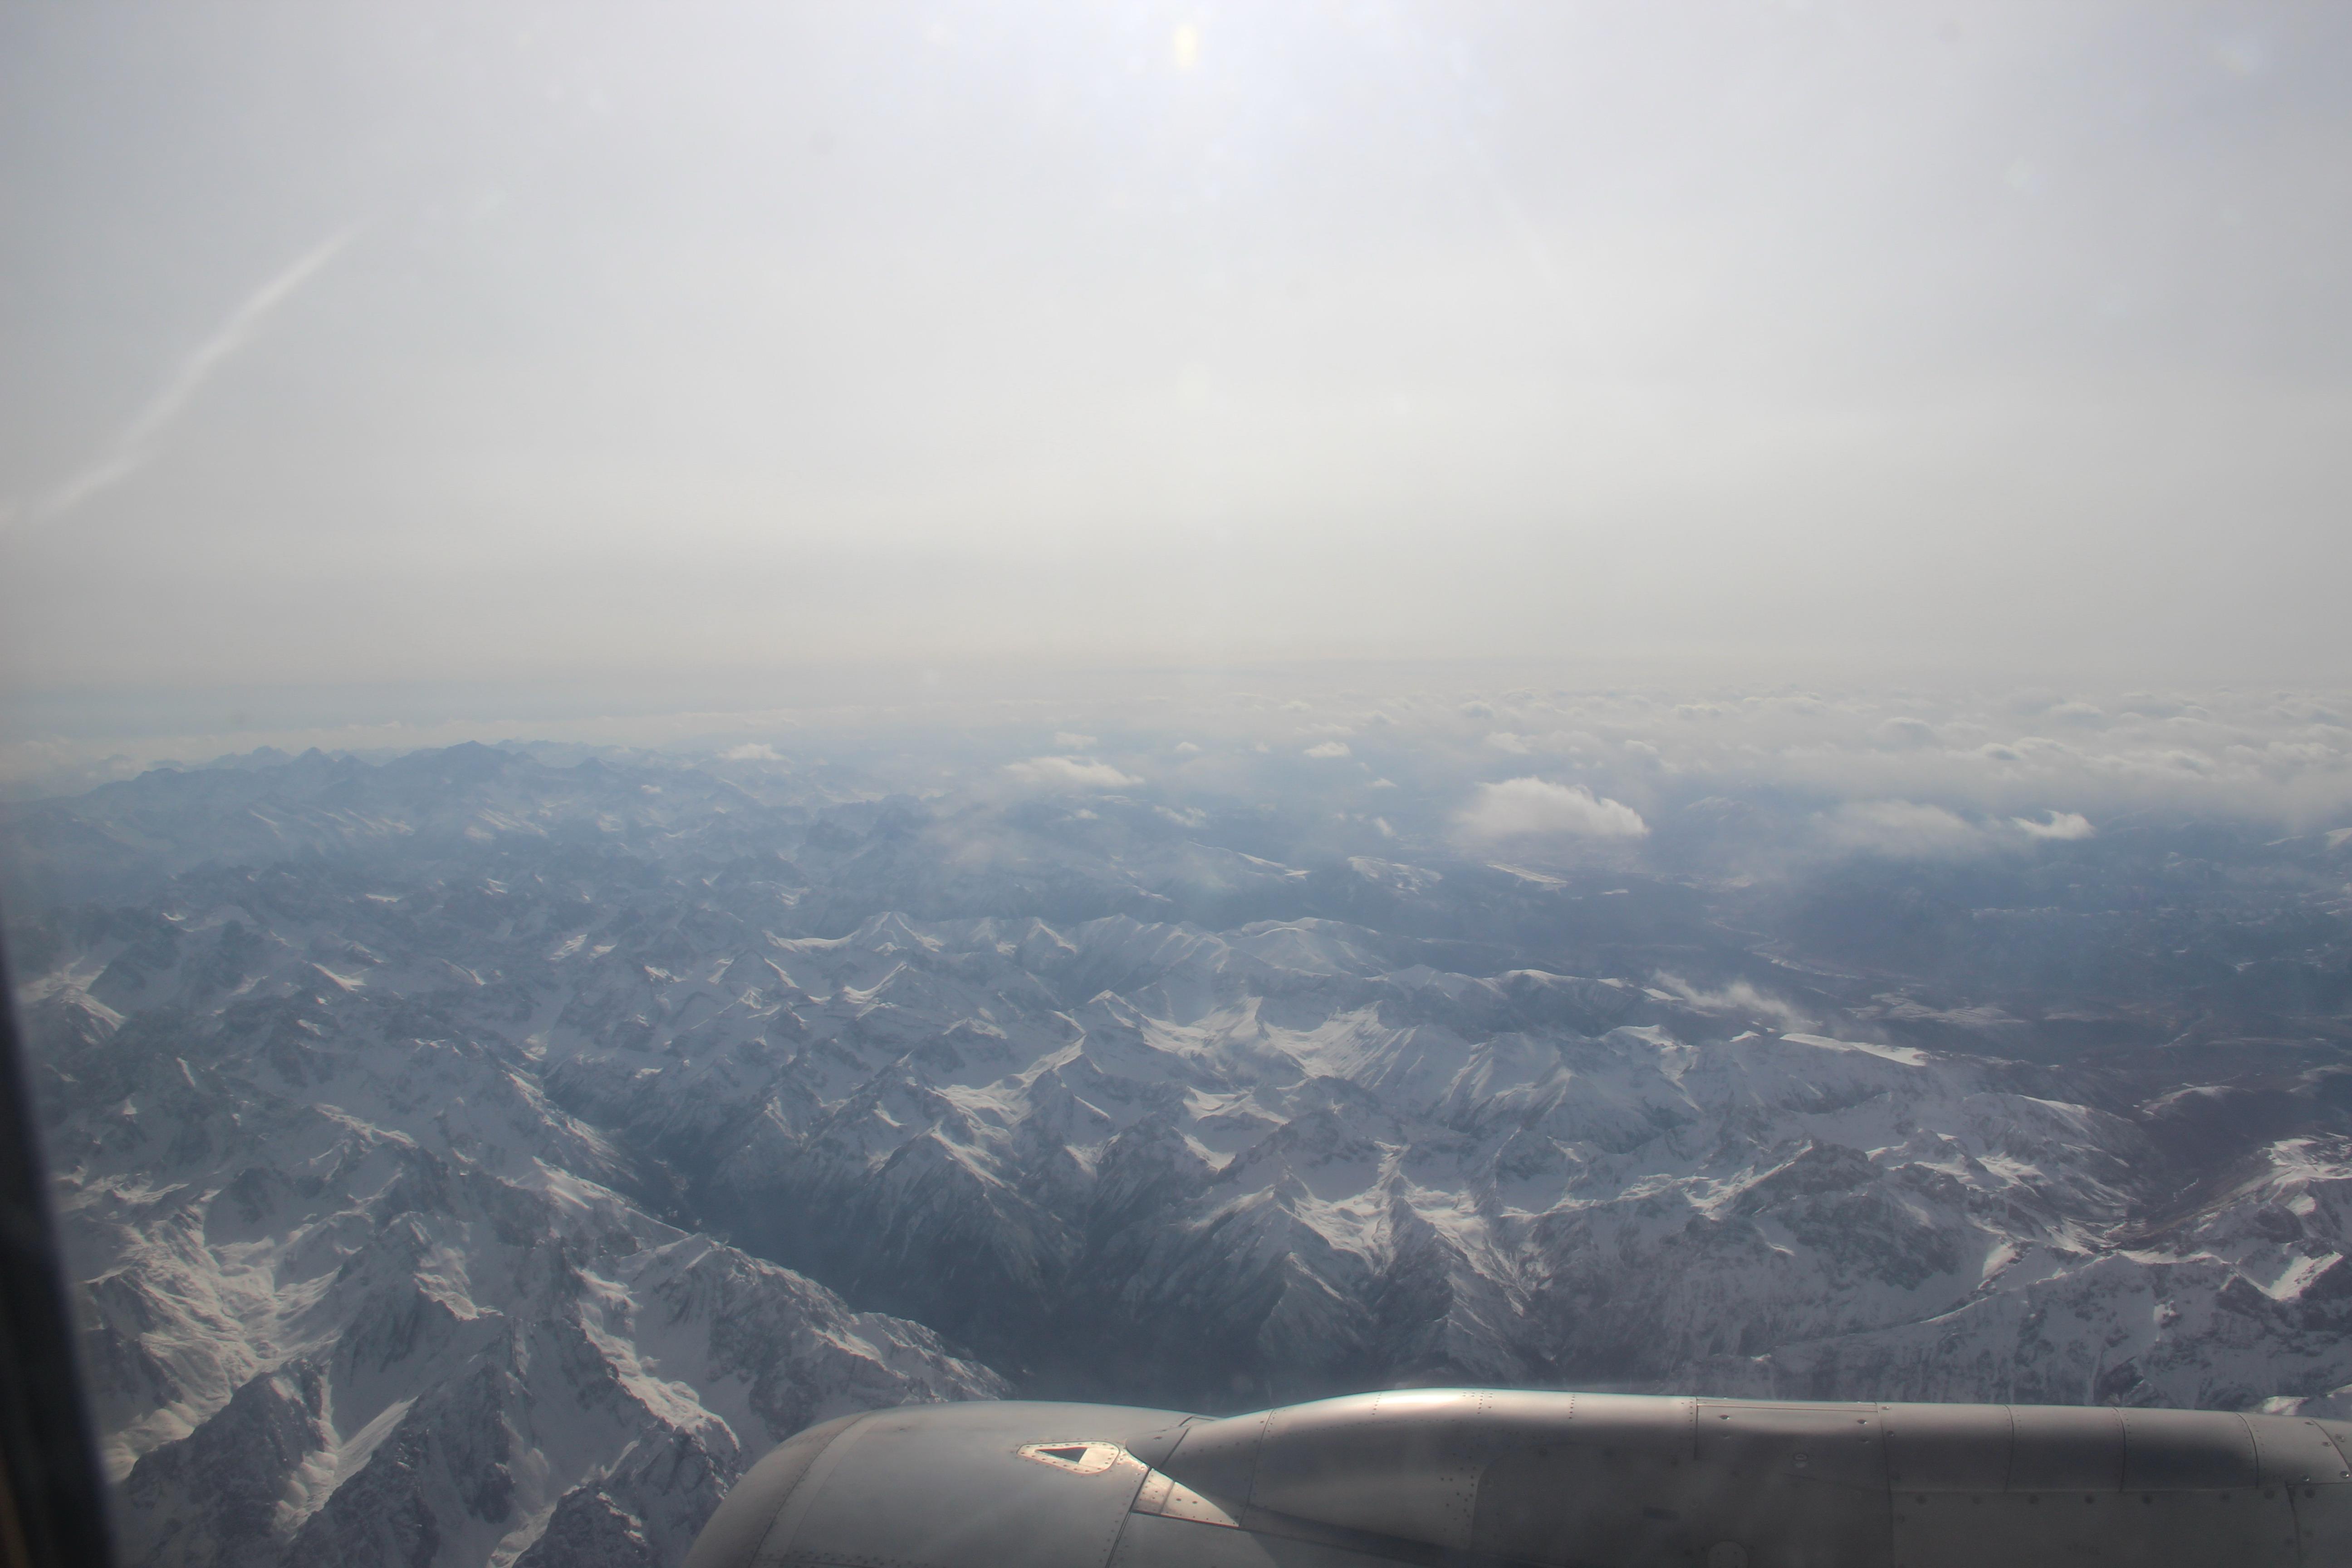 所以在飞机上看到的景色也觉得